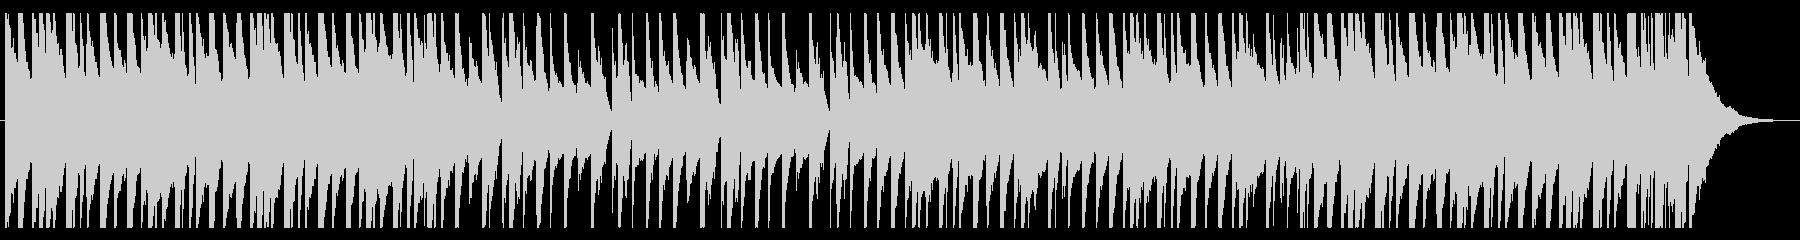 爽やかでポップなピアノの未再生の波形